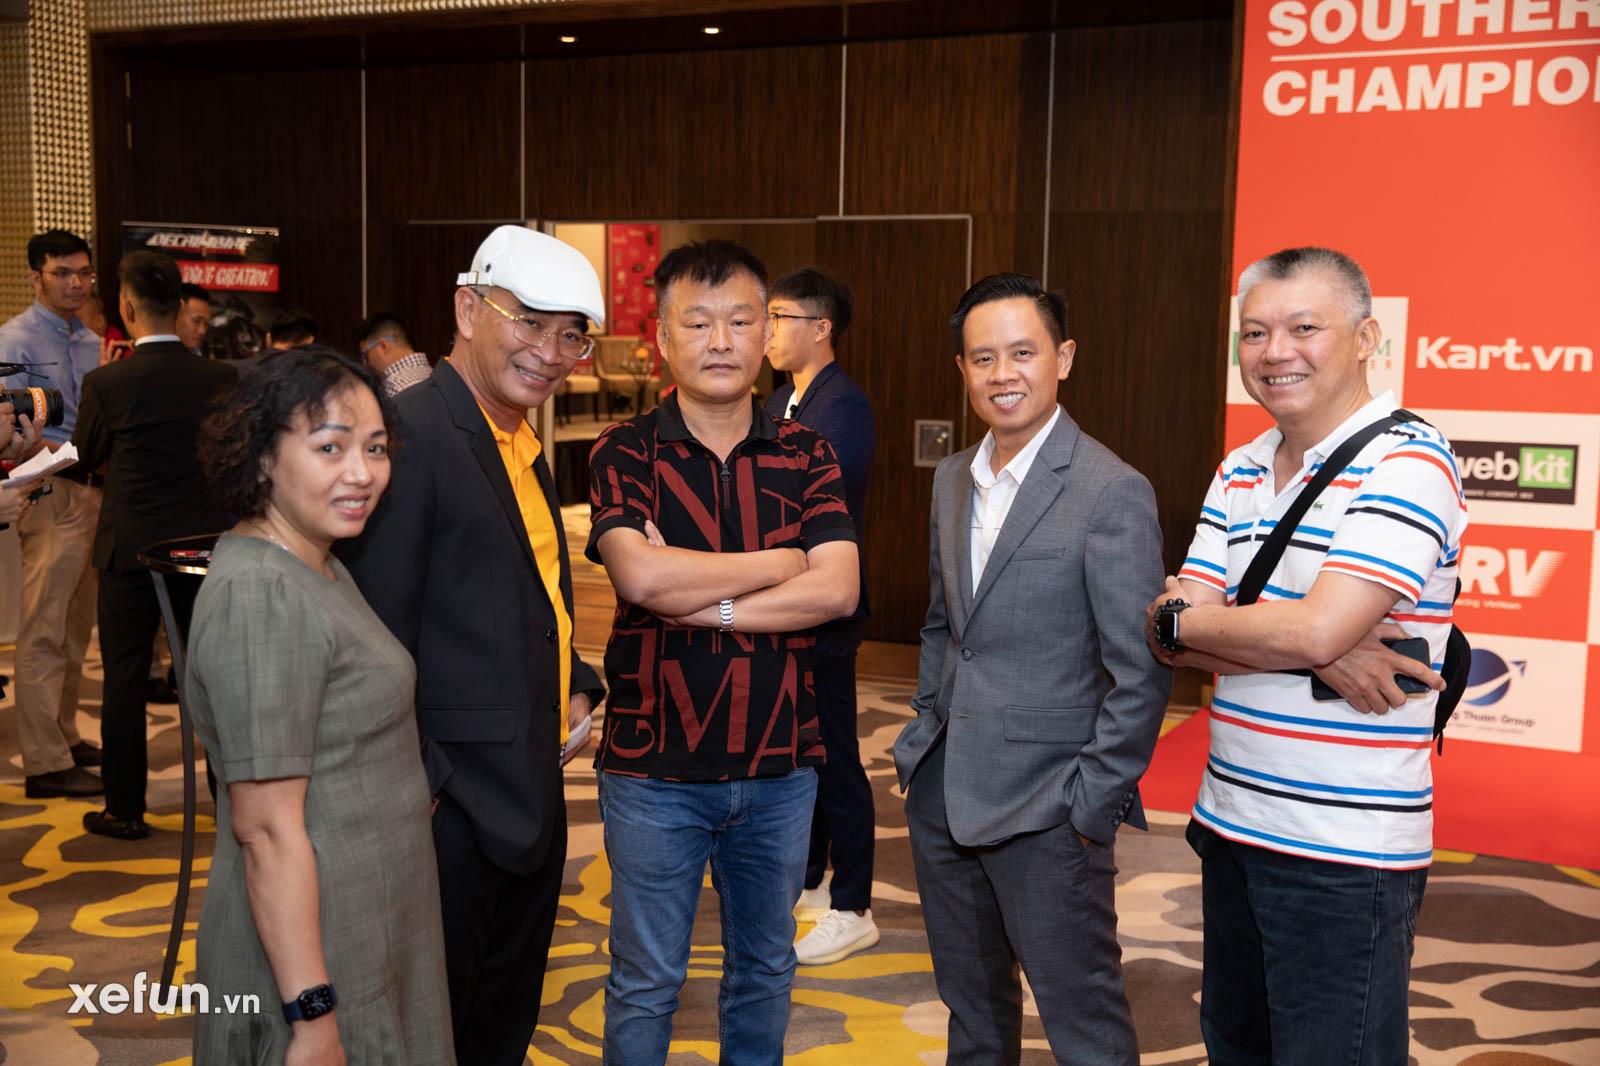 Giải đua Go Kart Southern Open Championship Formula Racing Vietnam trên Xefun (1)786